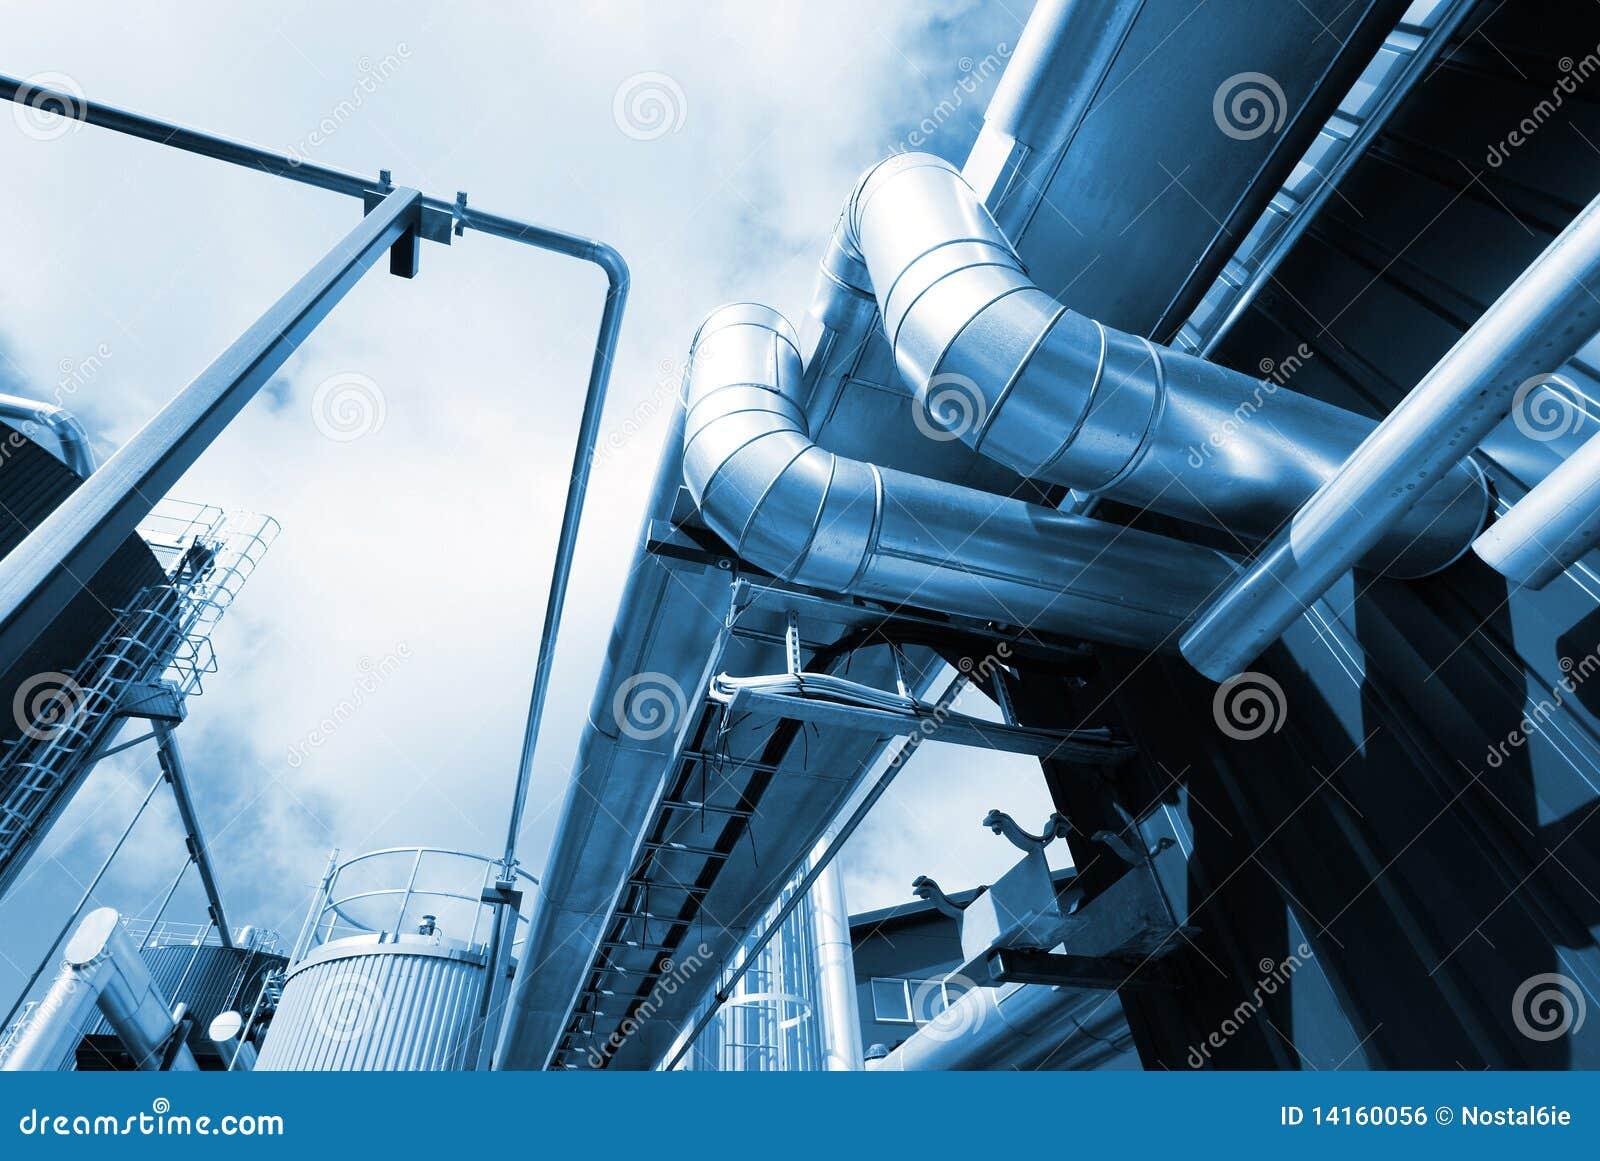 Industriestahlrohrleitungen an der Fabrik